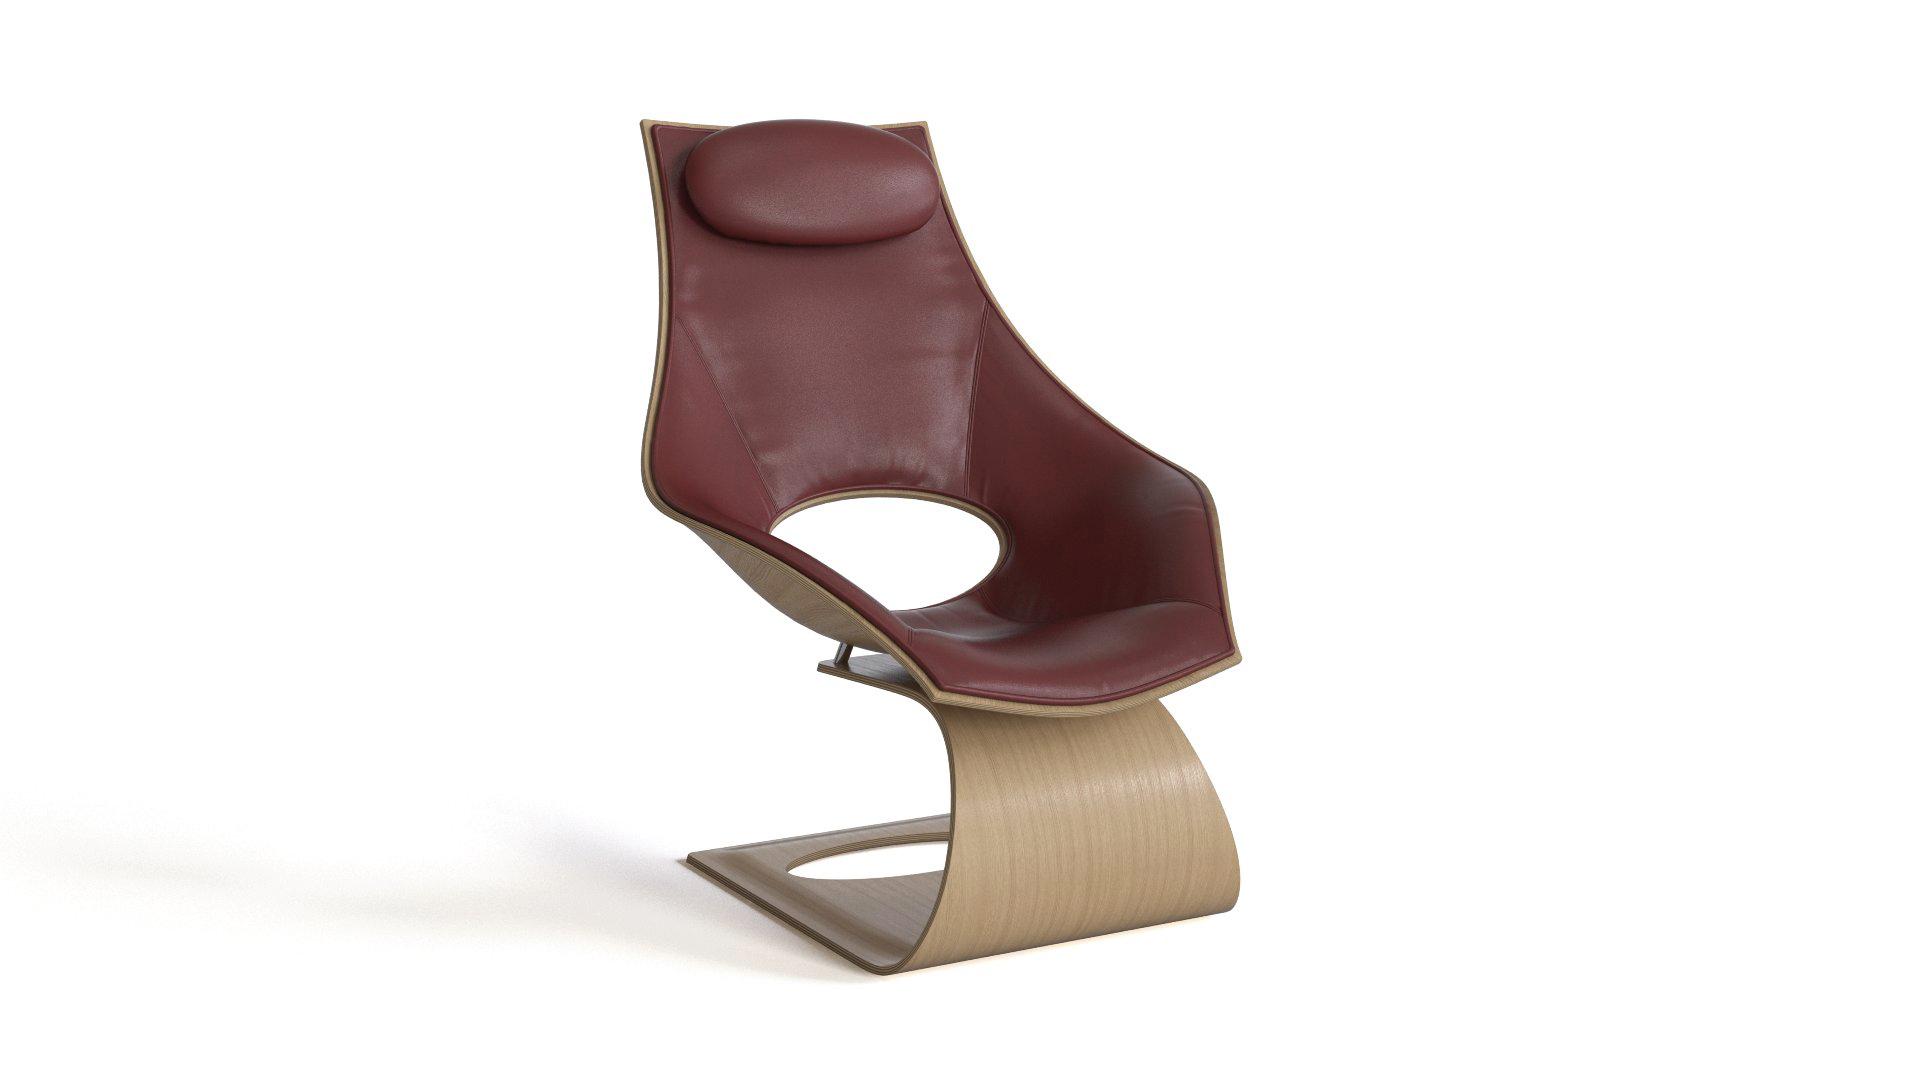 Carl Hansen Dream chair